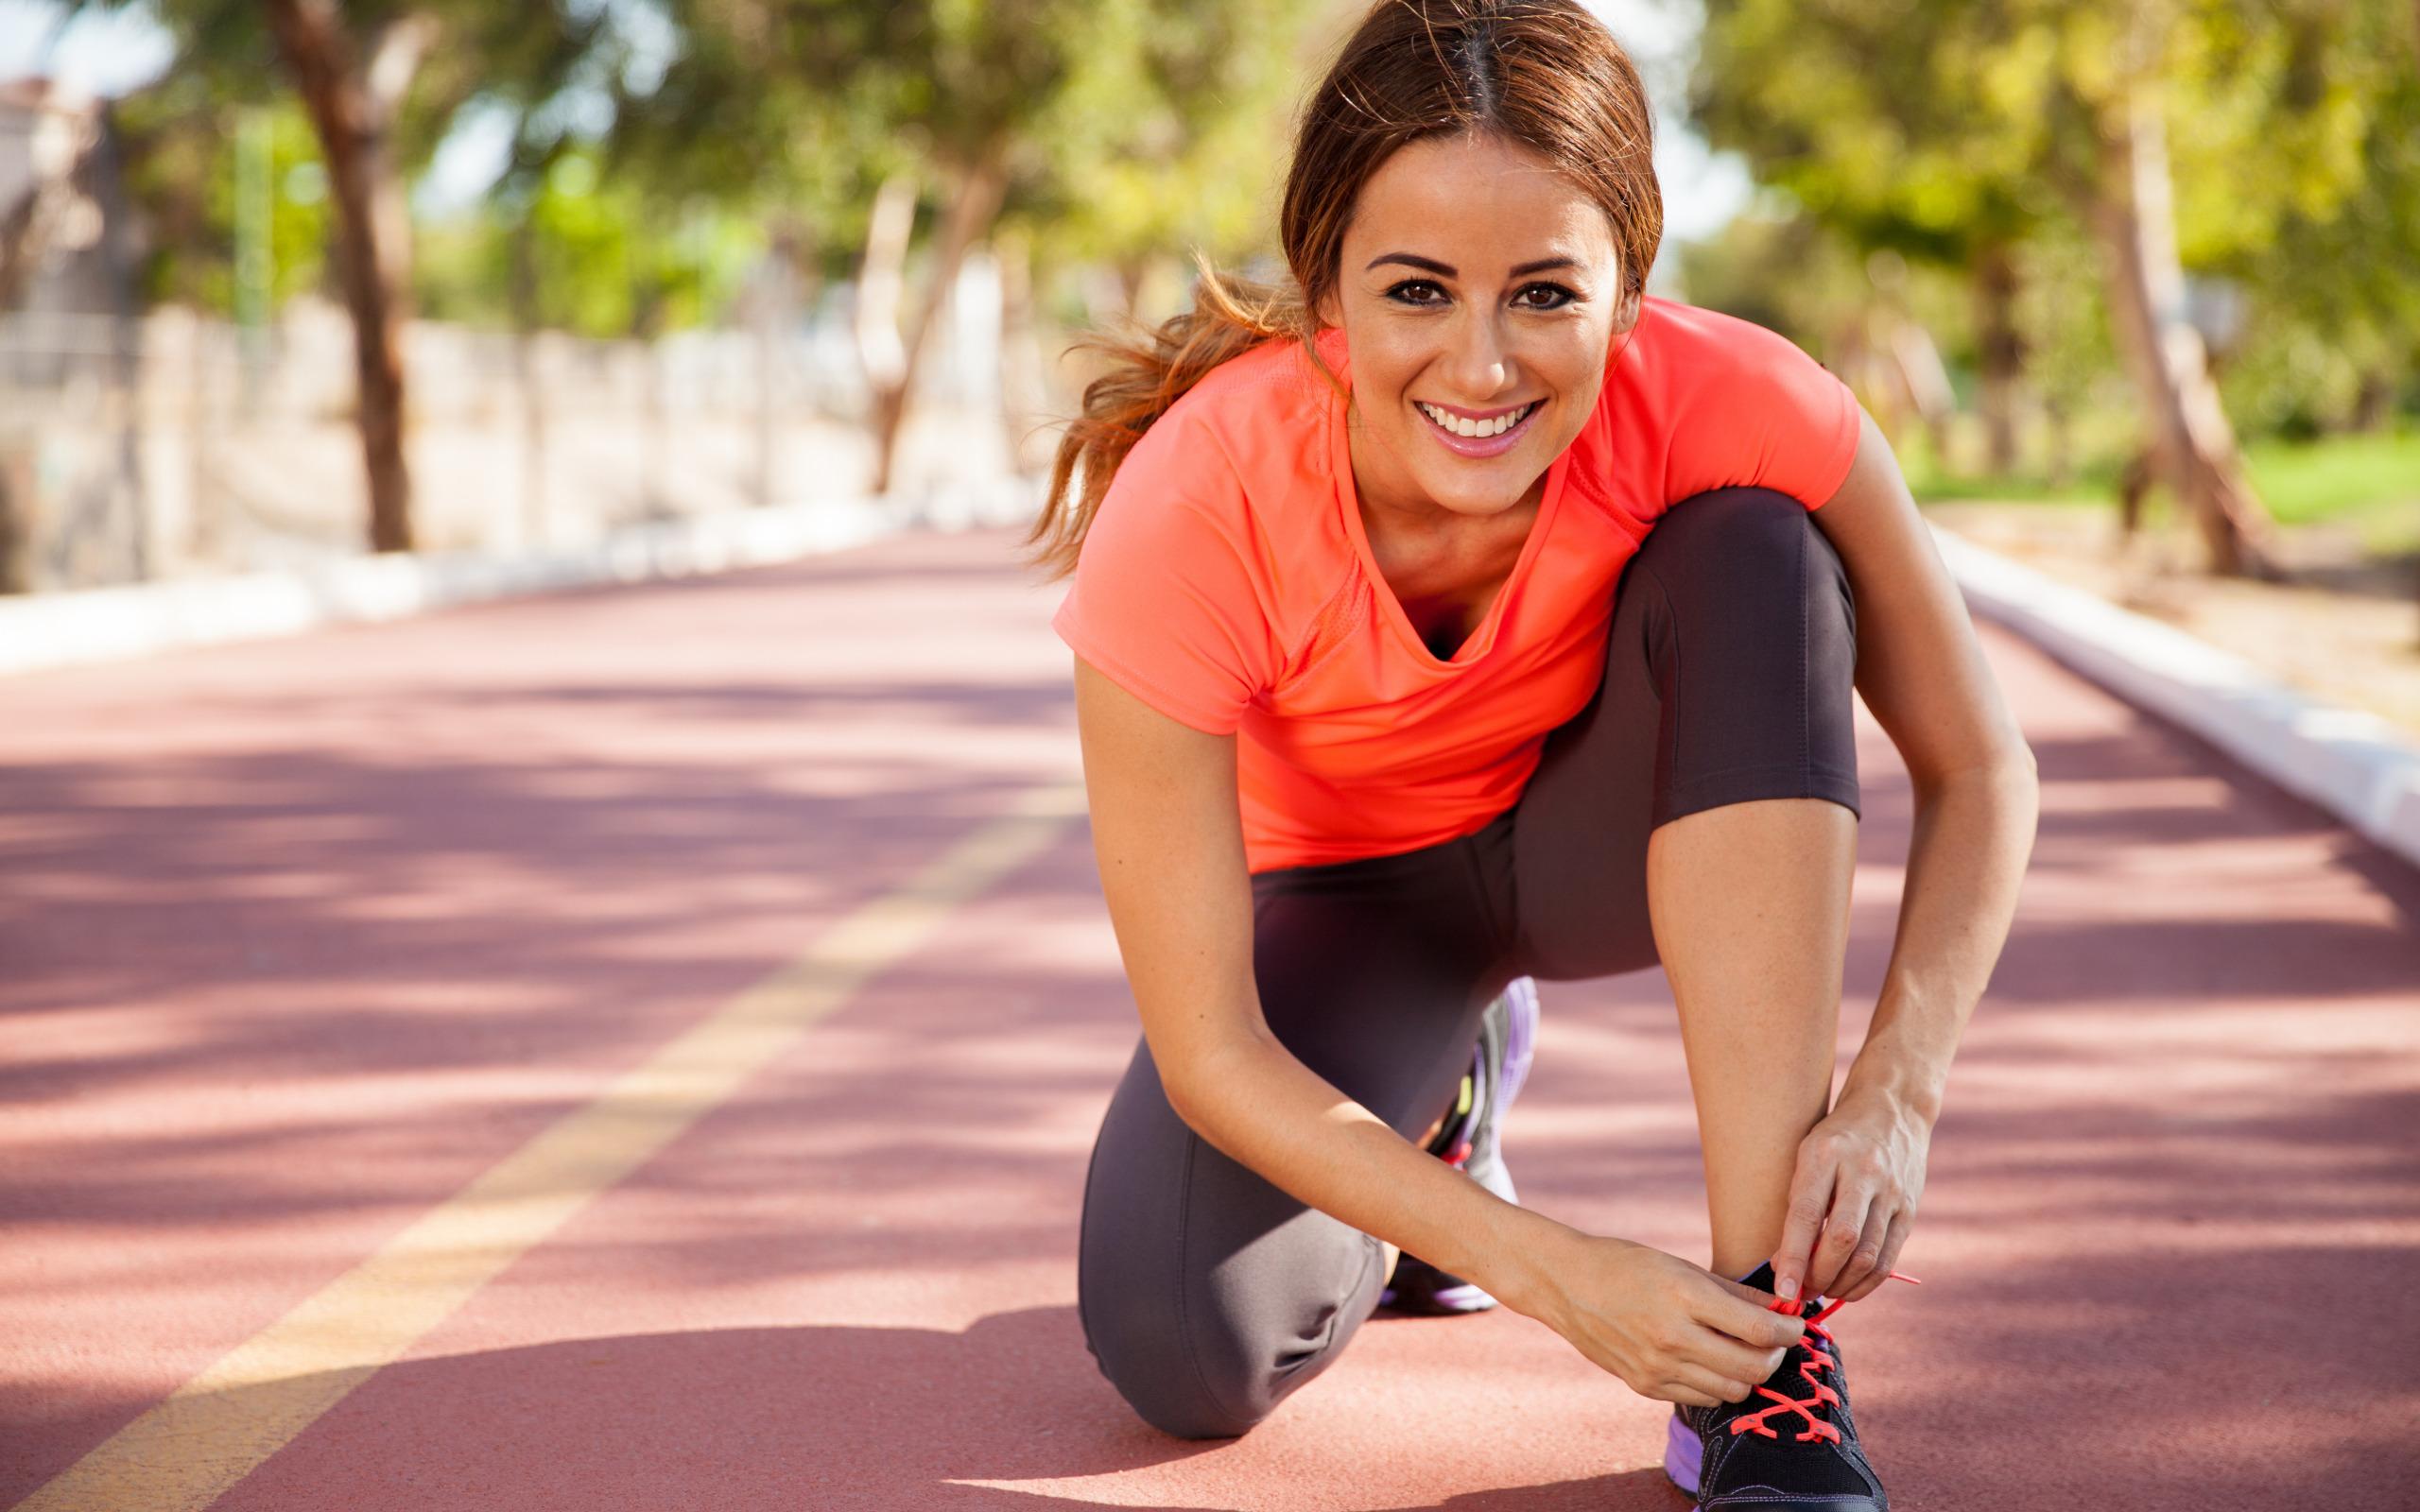 Картинка женщины и спорт